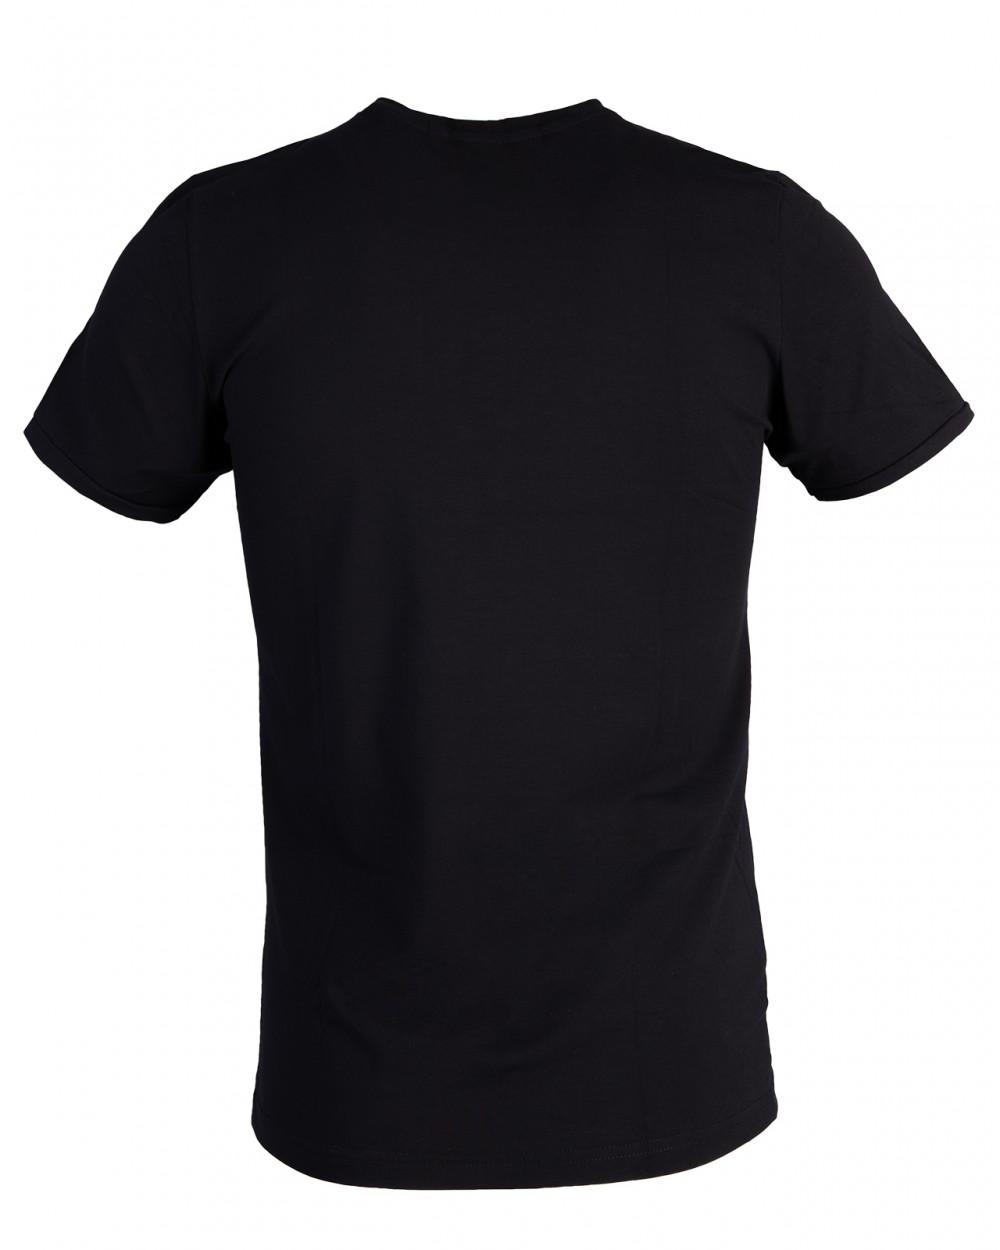 Áo thun đen at760 - 6